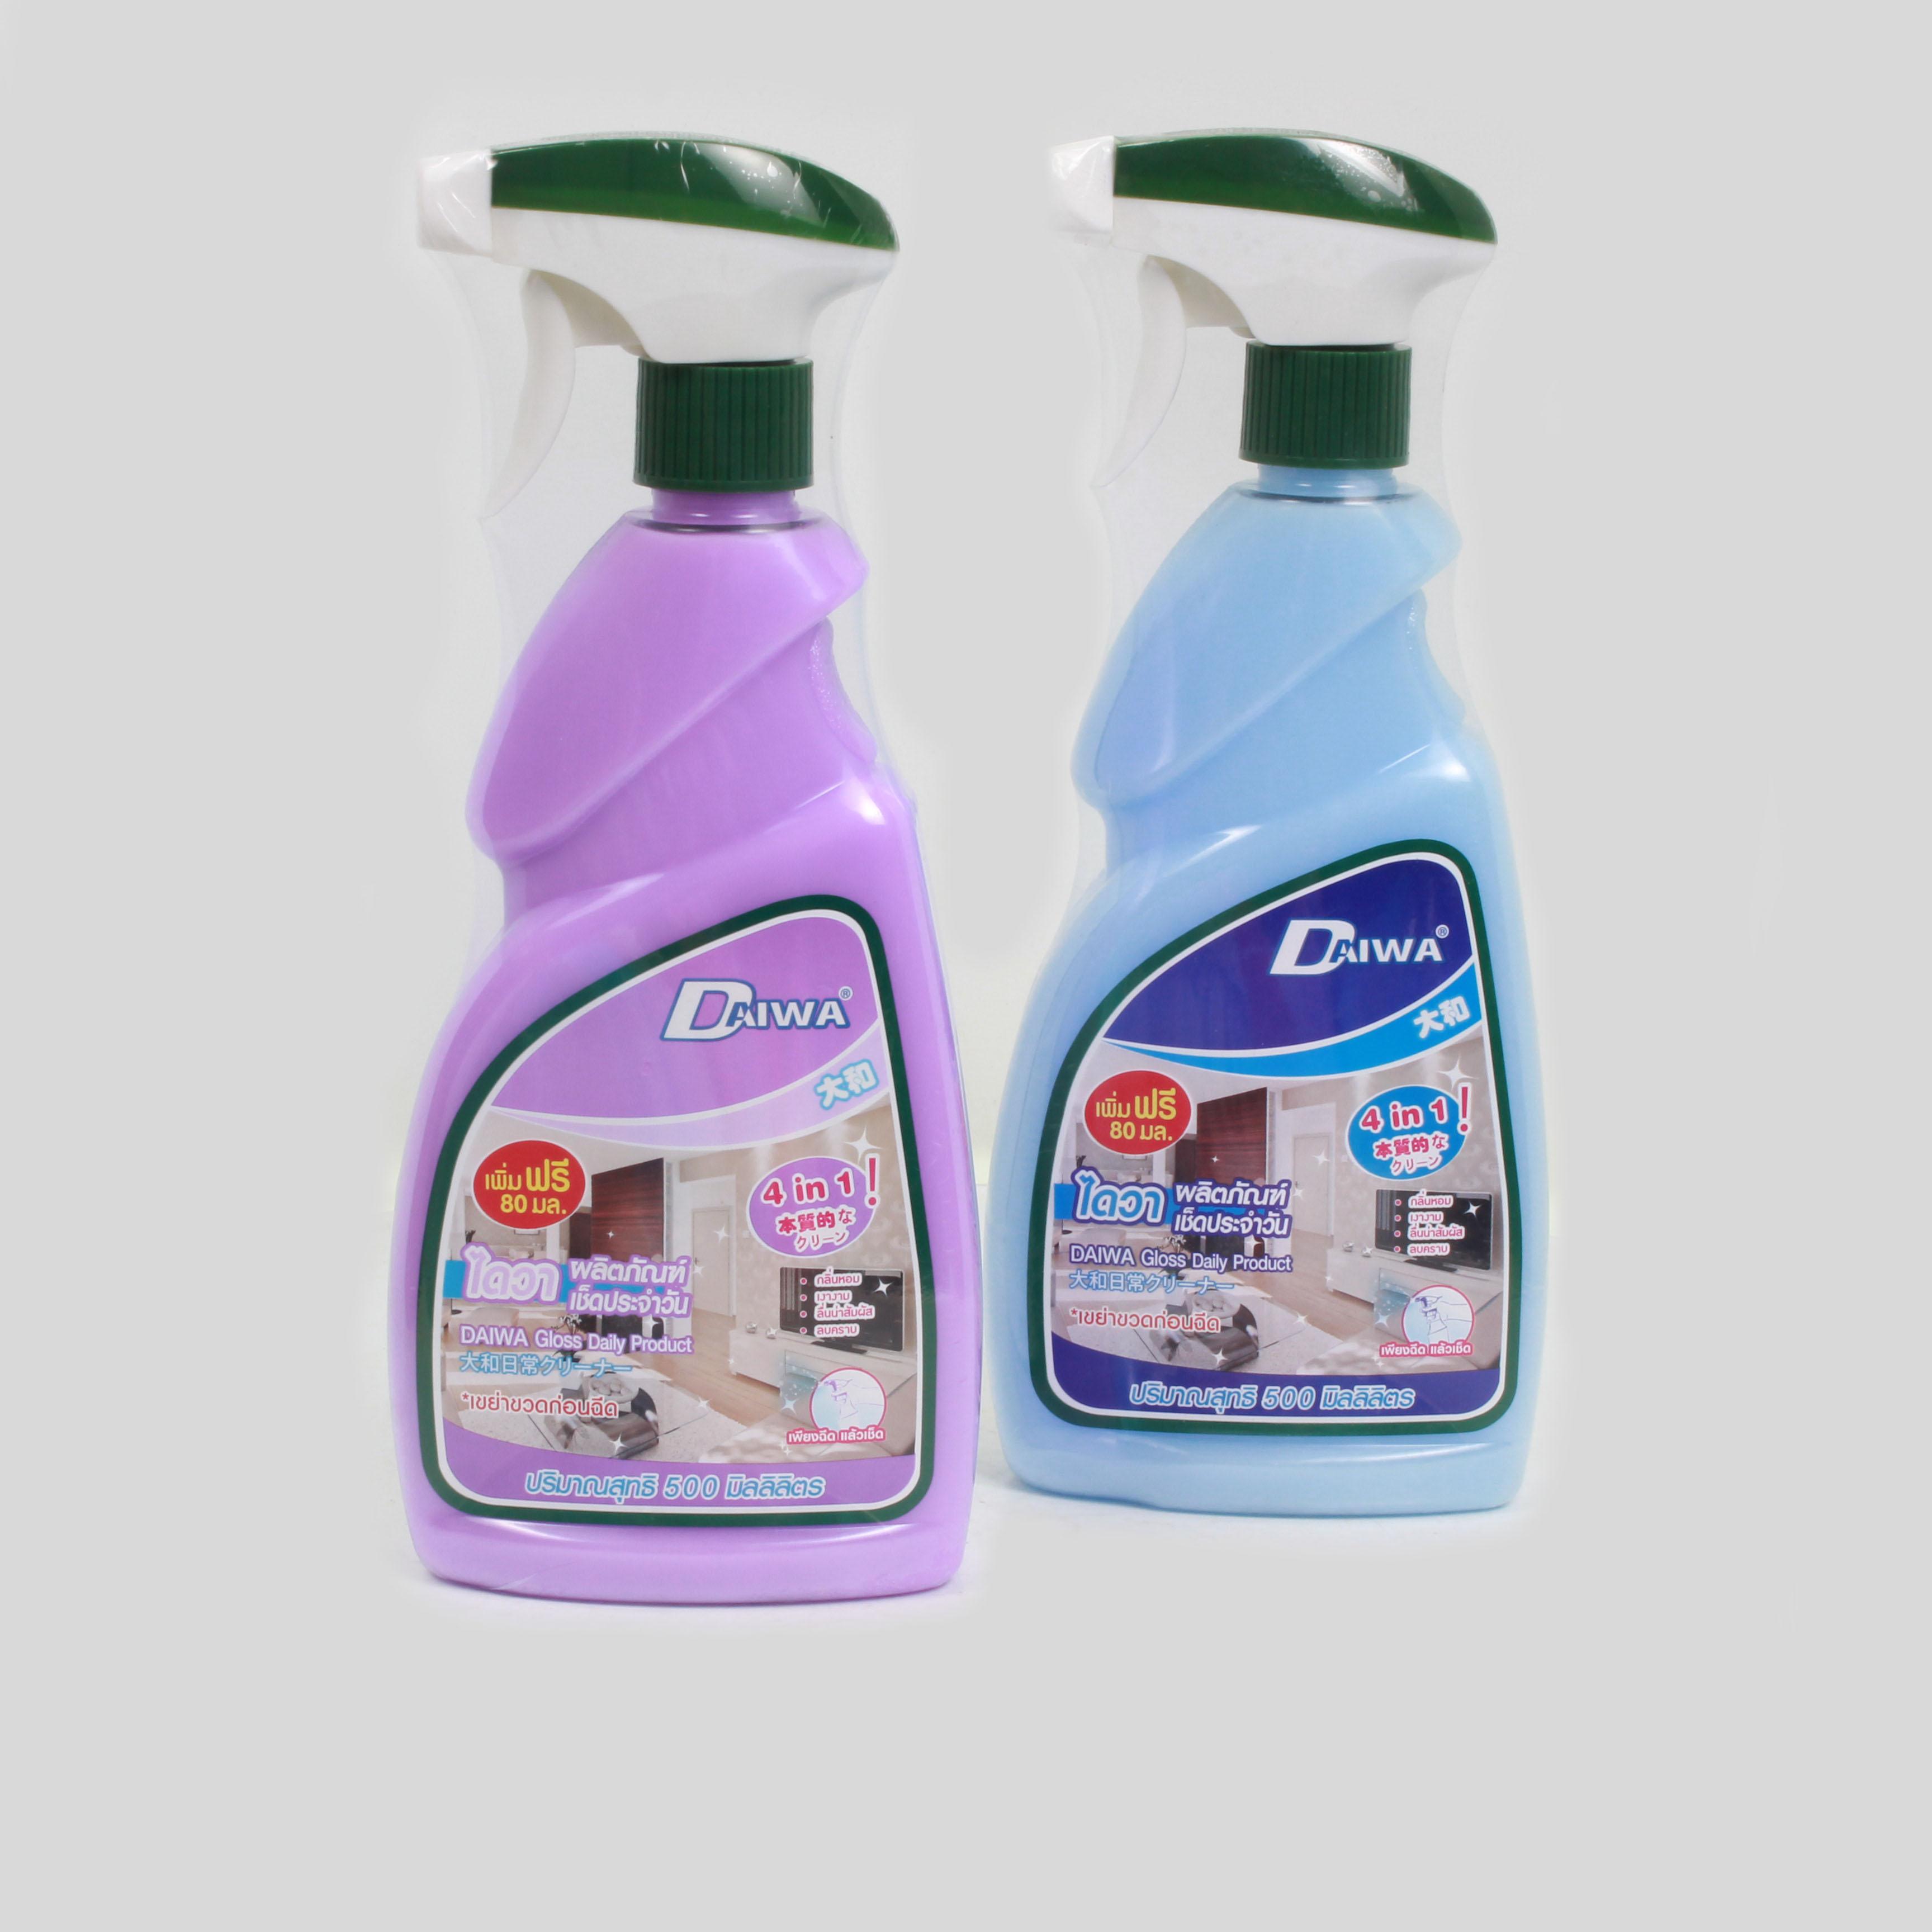 Xịt tẩy rửa đa năng Daiwa 500ml